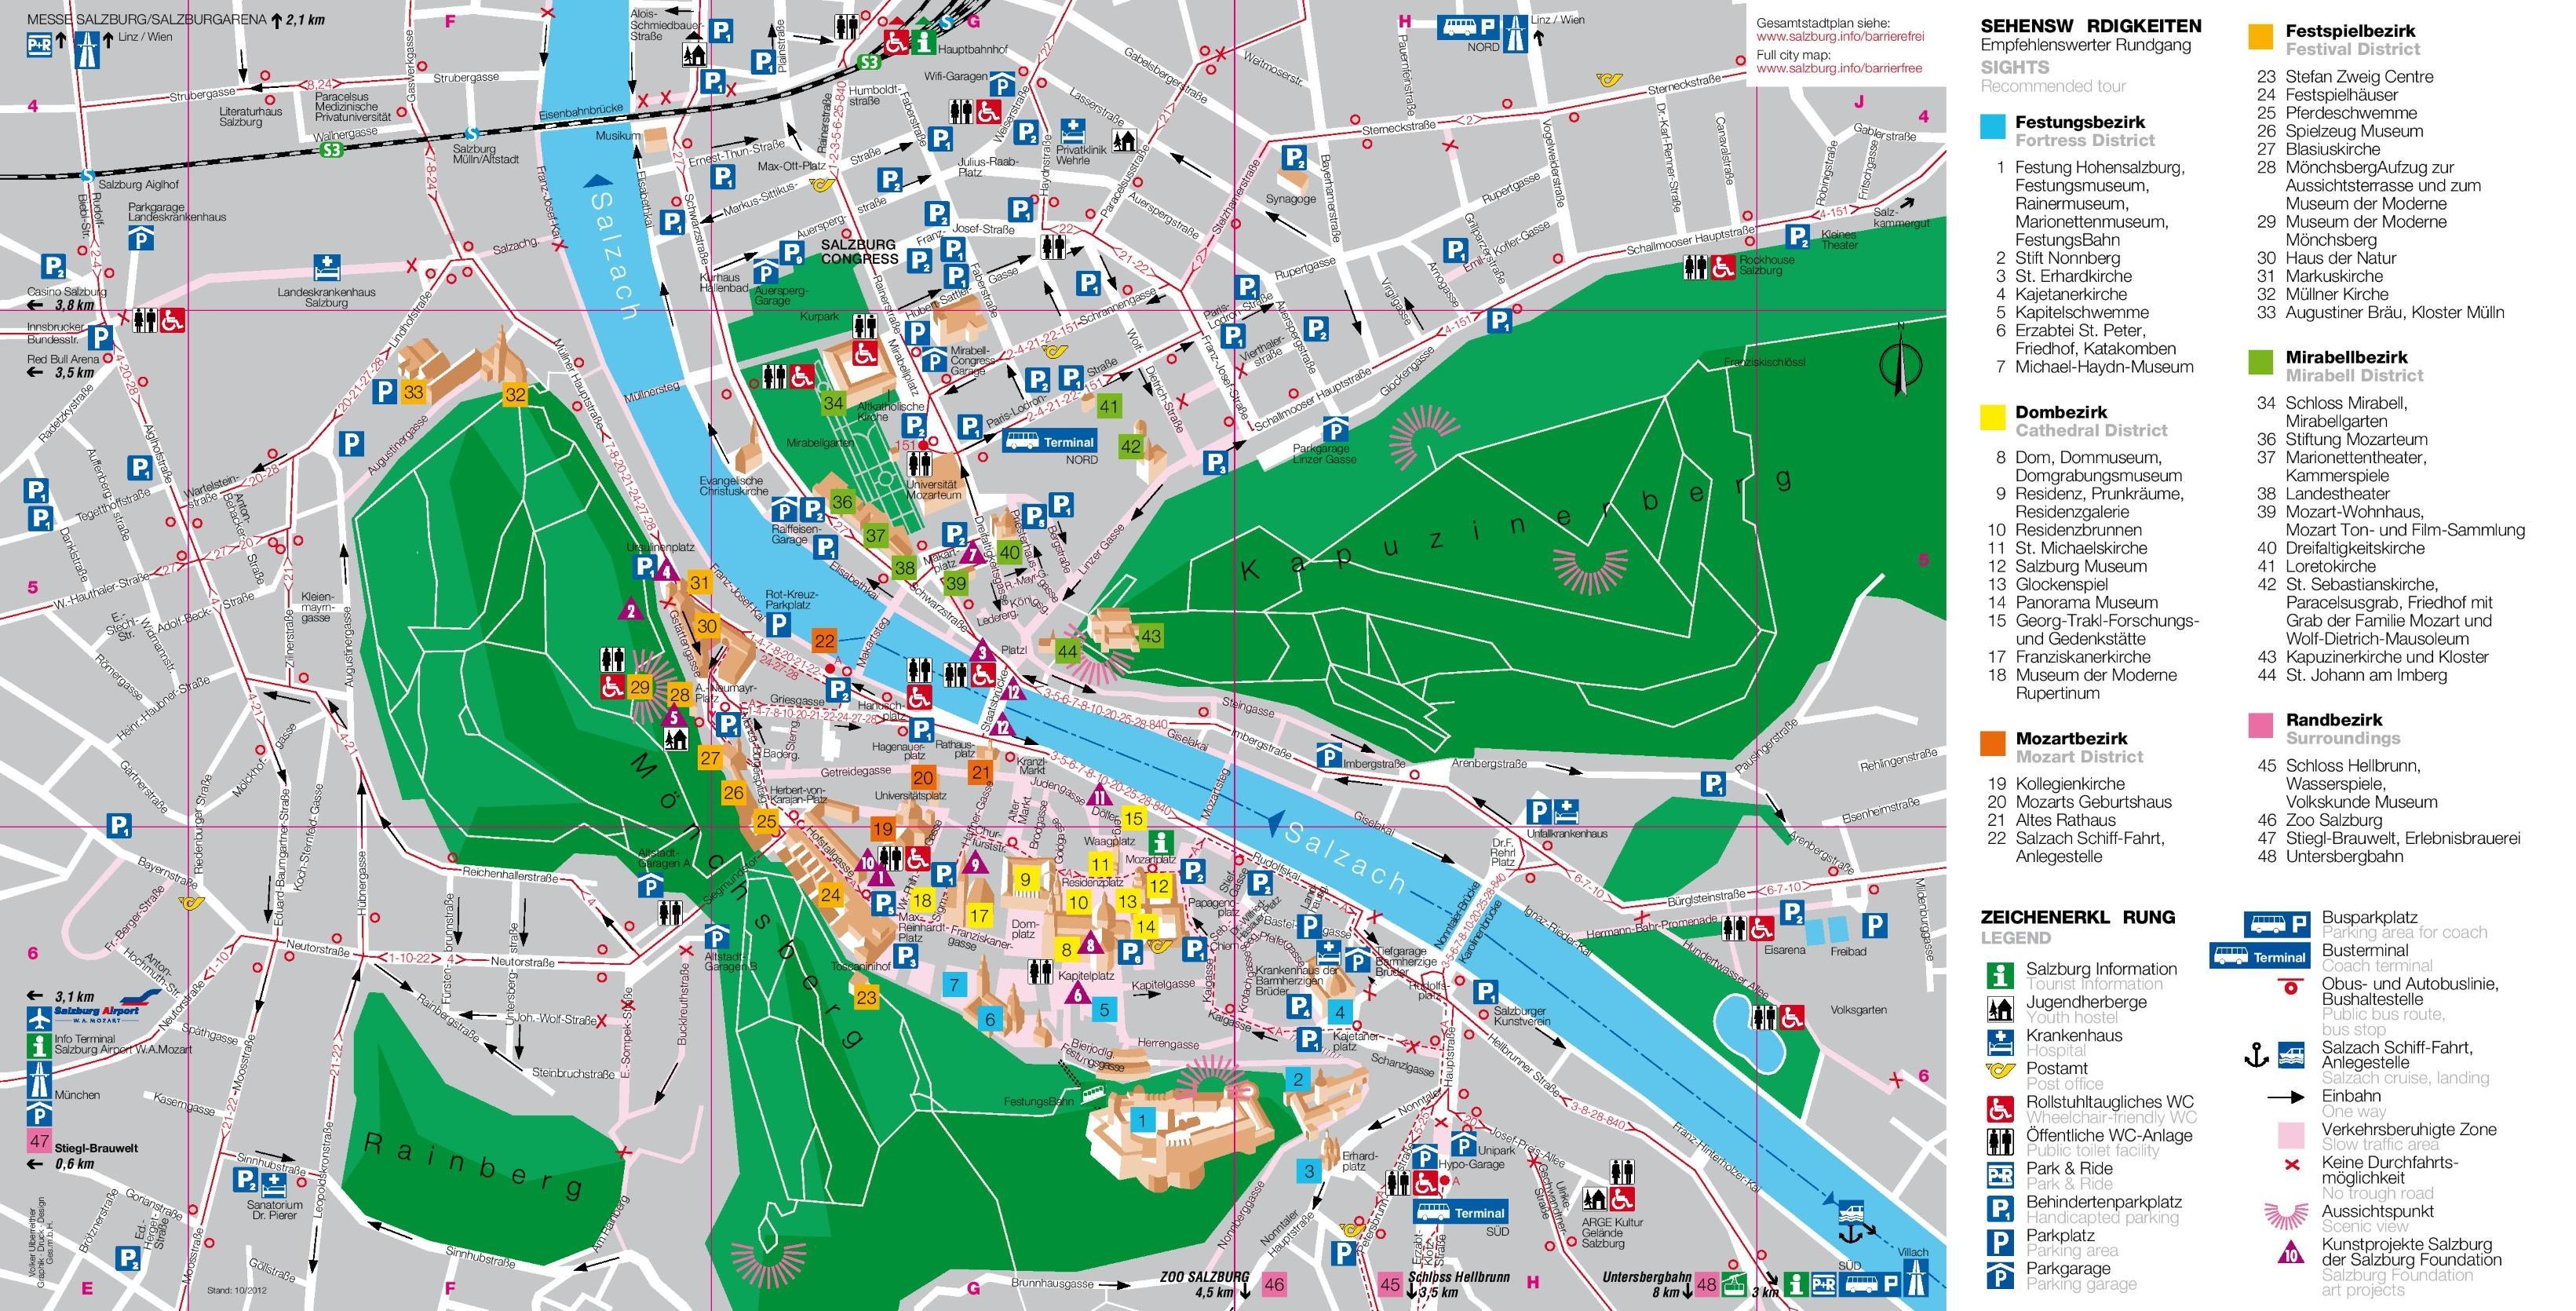 Austria Cartina Turistica.Mappa Turistica Di Salisburgo Austria Mappa Della Mappa